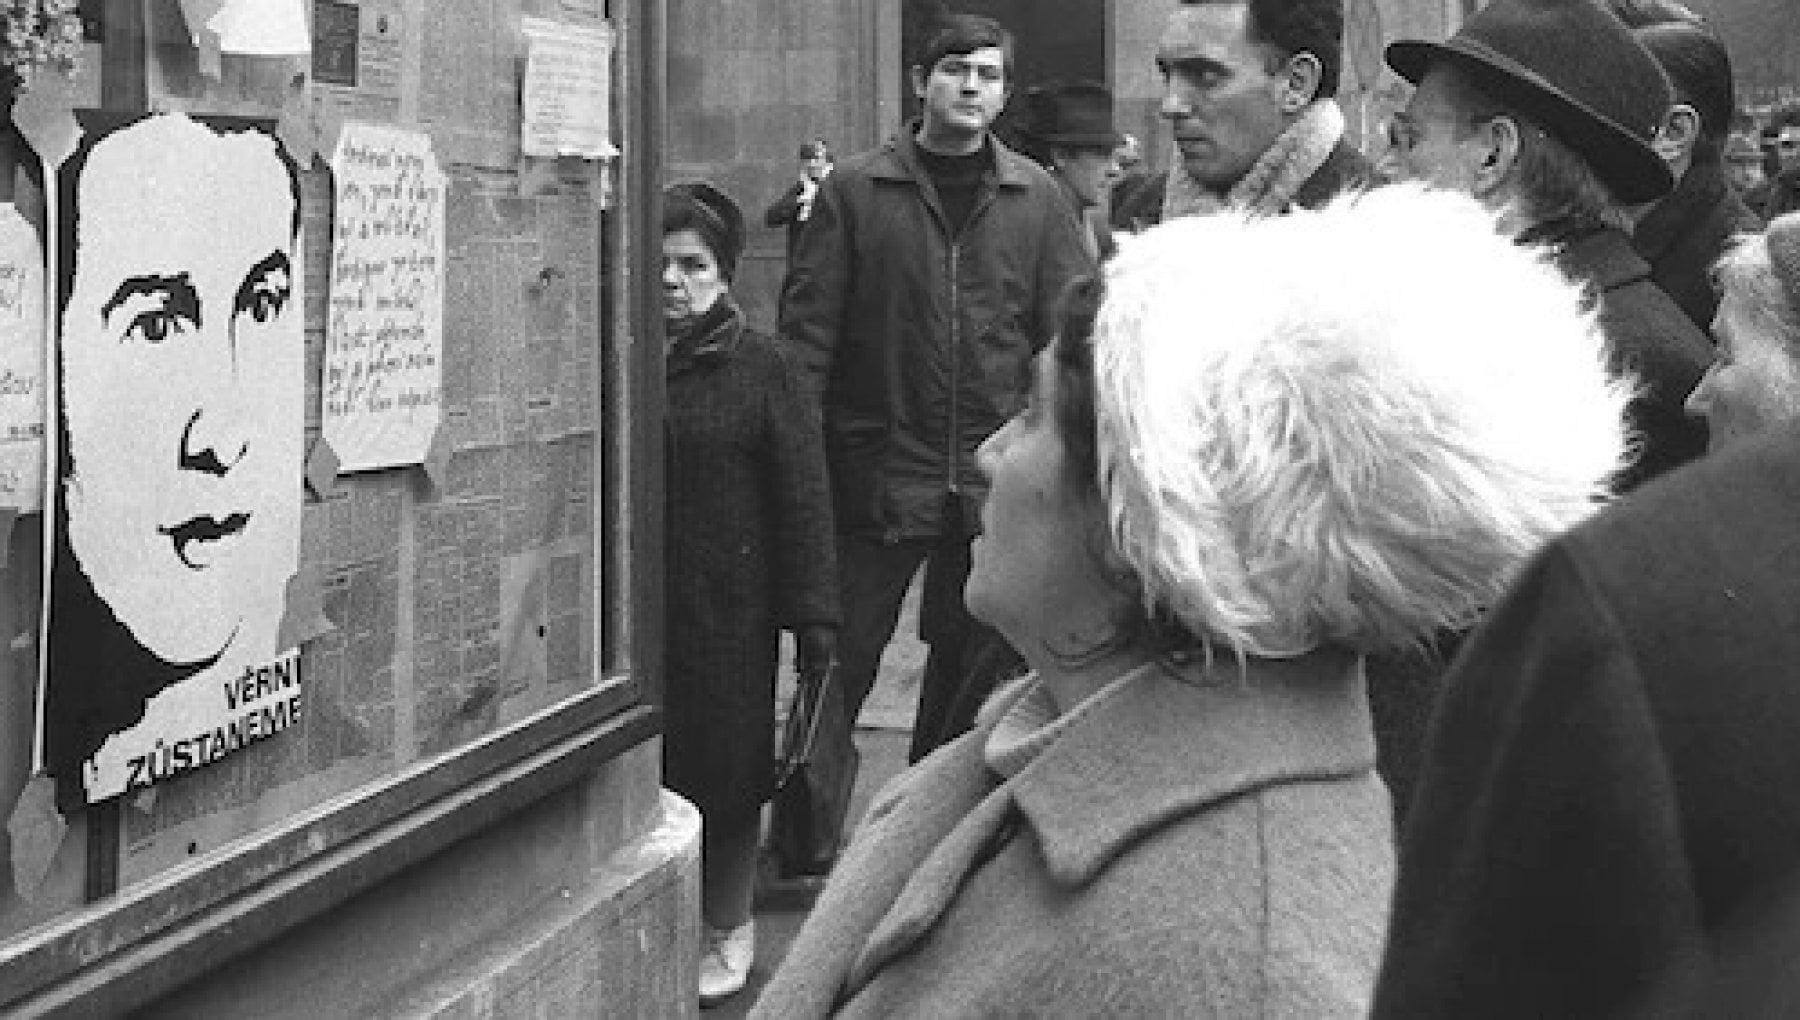 225726233 8a7a18af 7604 4017 a5de b033893a599e - Jan Palach fa ancora paura: Mosca censura Radio Praga per un programma sull'invasione del '68